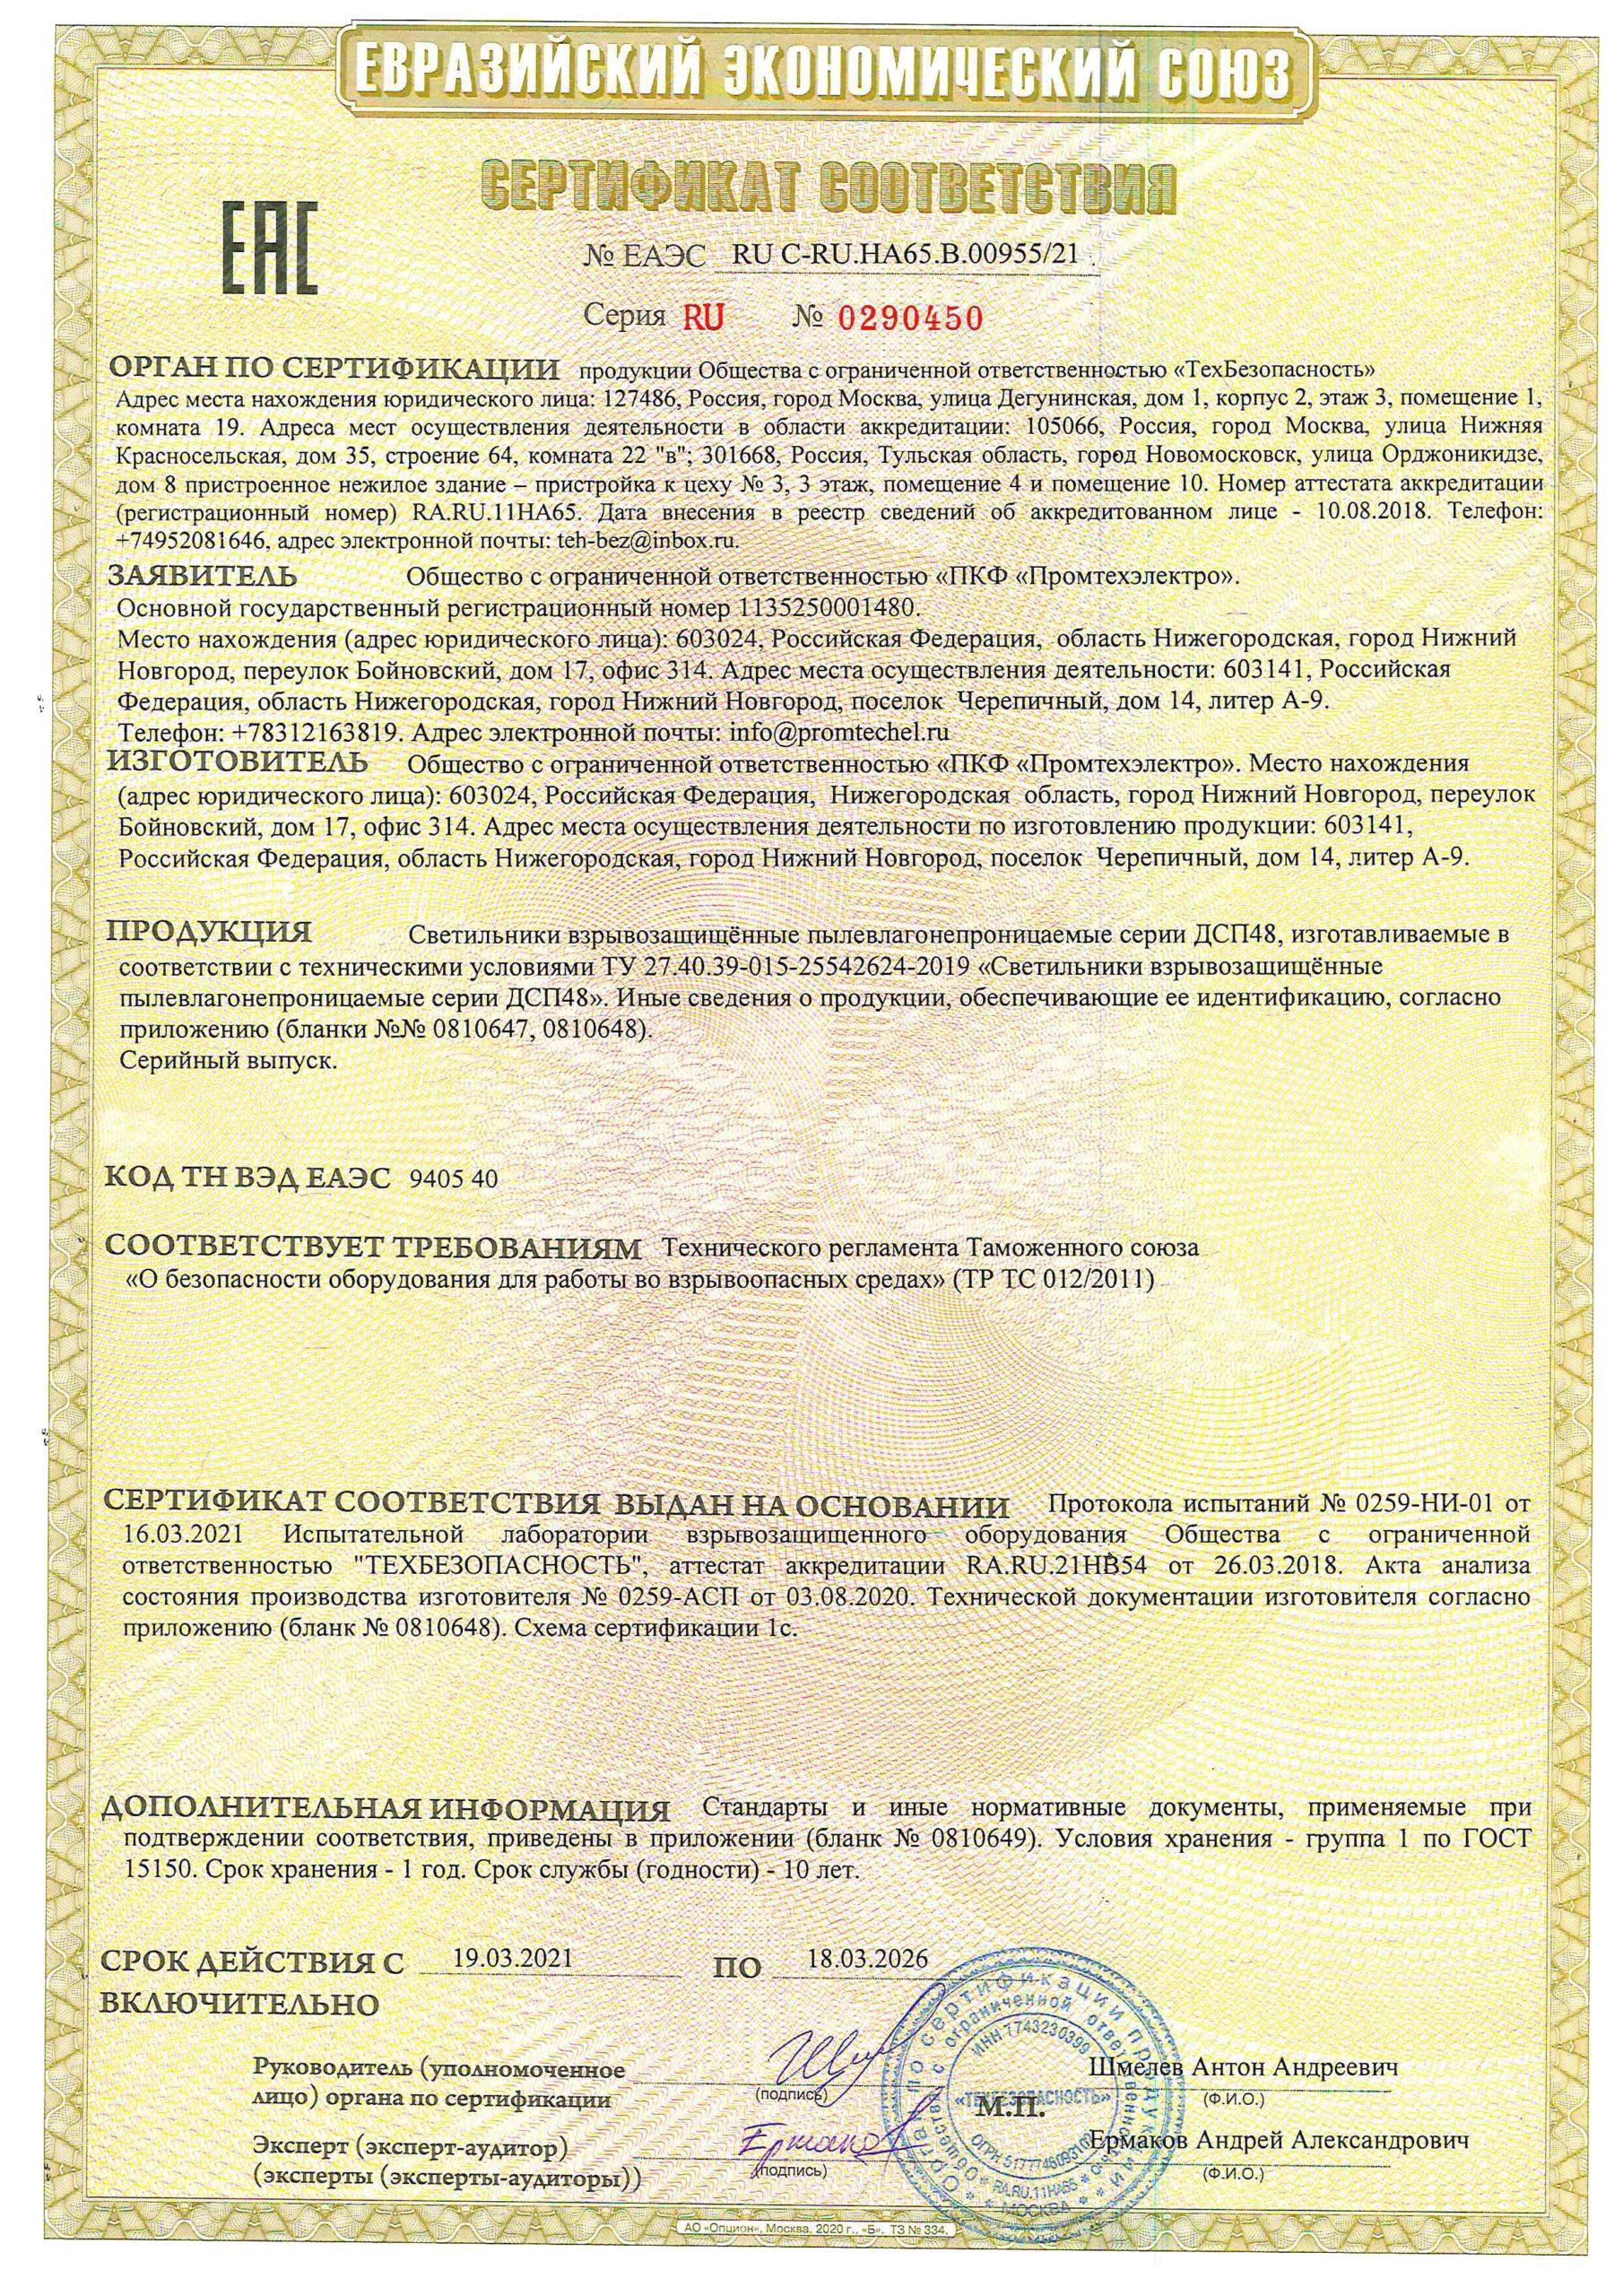 Сертификат ТР ТС 012 на рудничные взрывозащищенные светильники